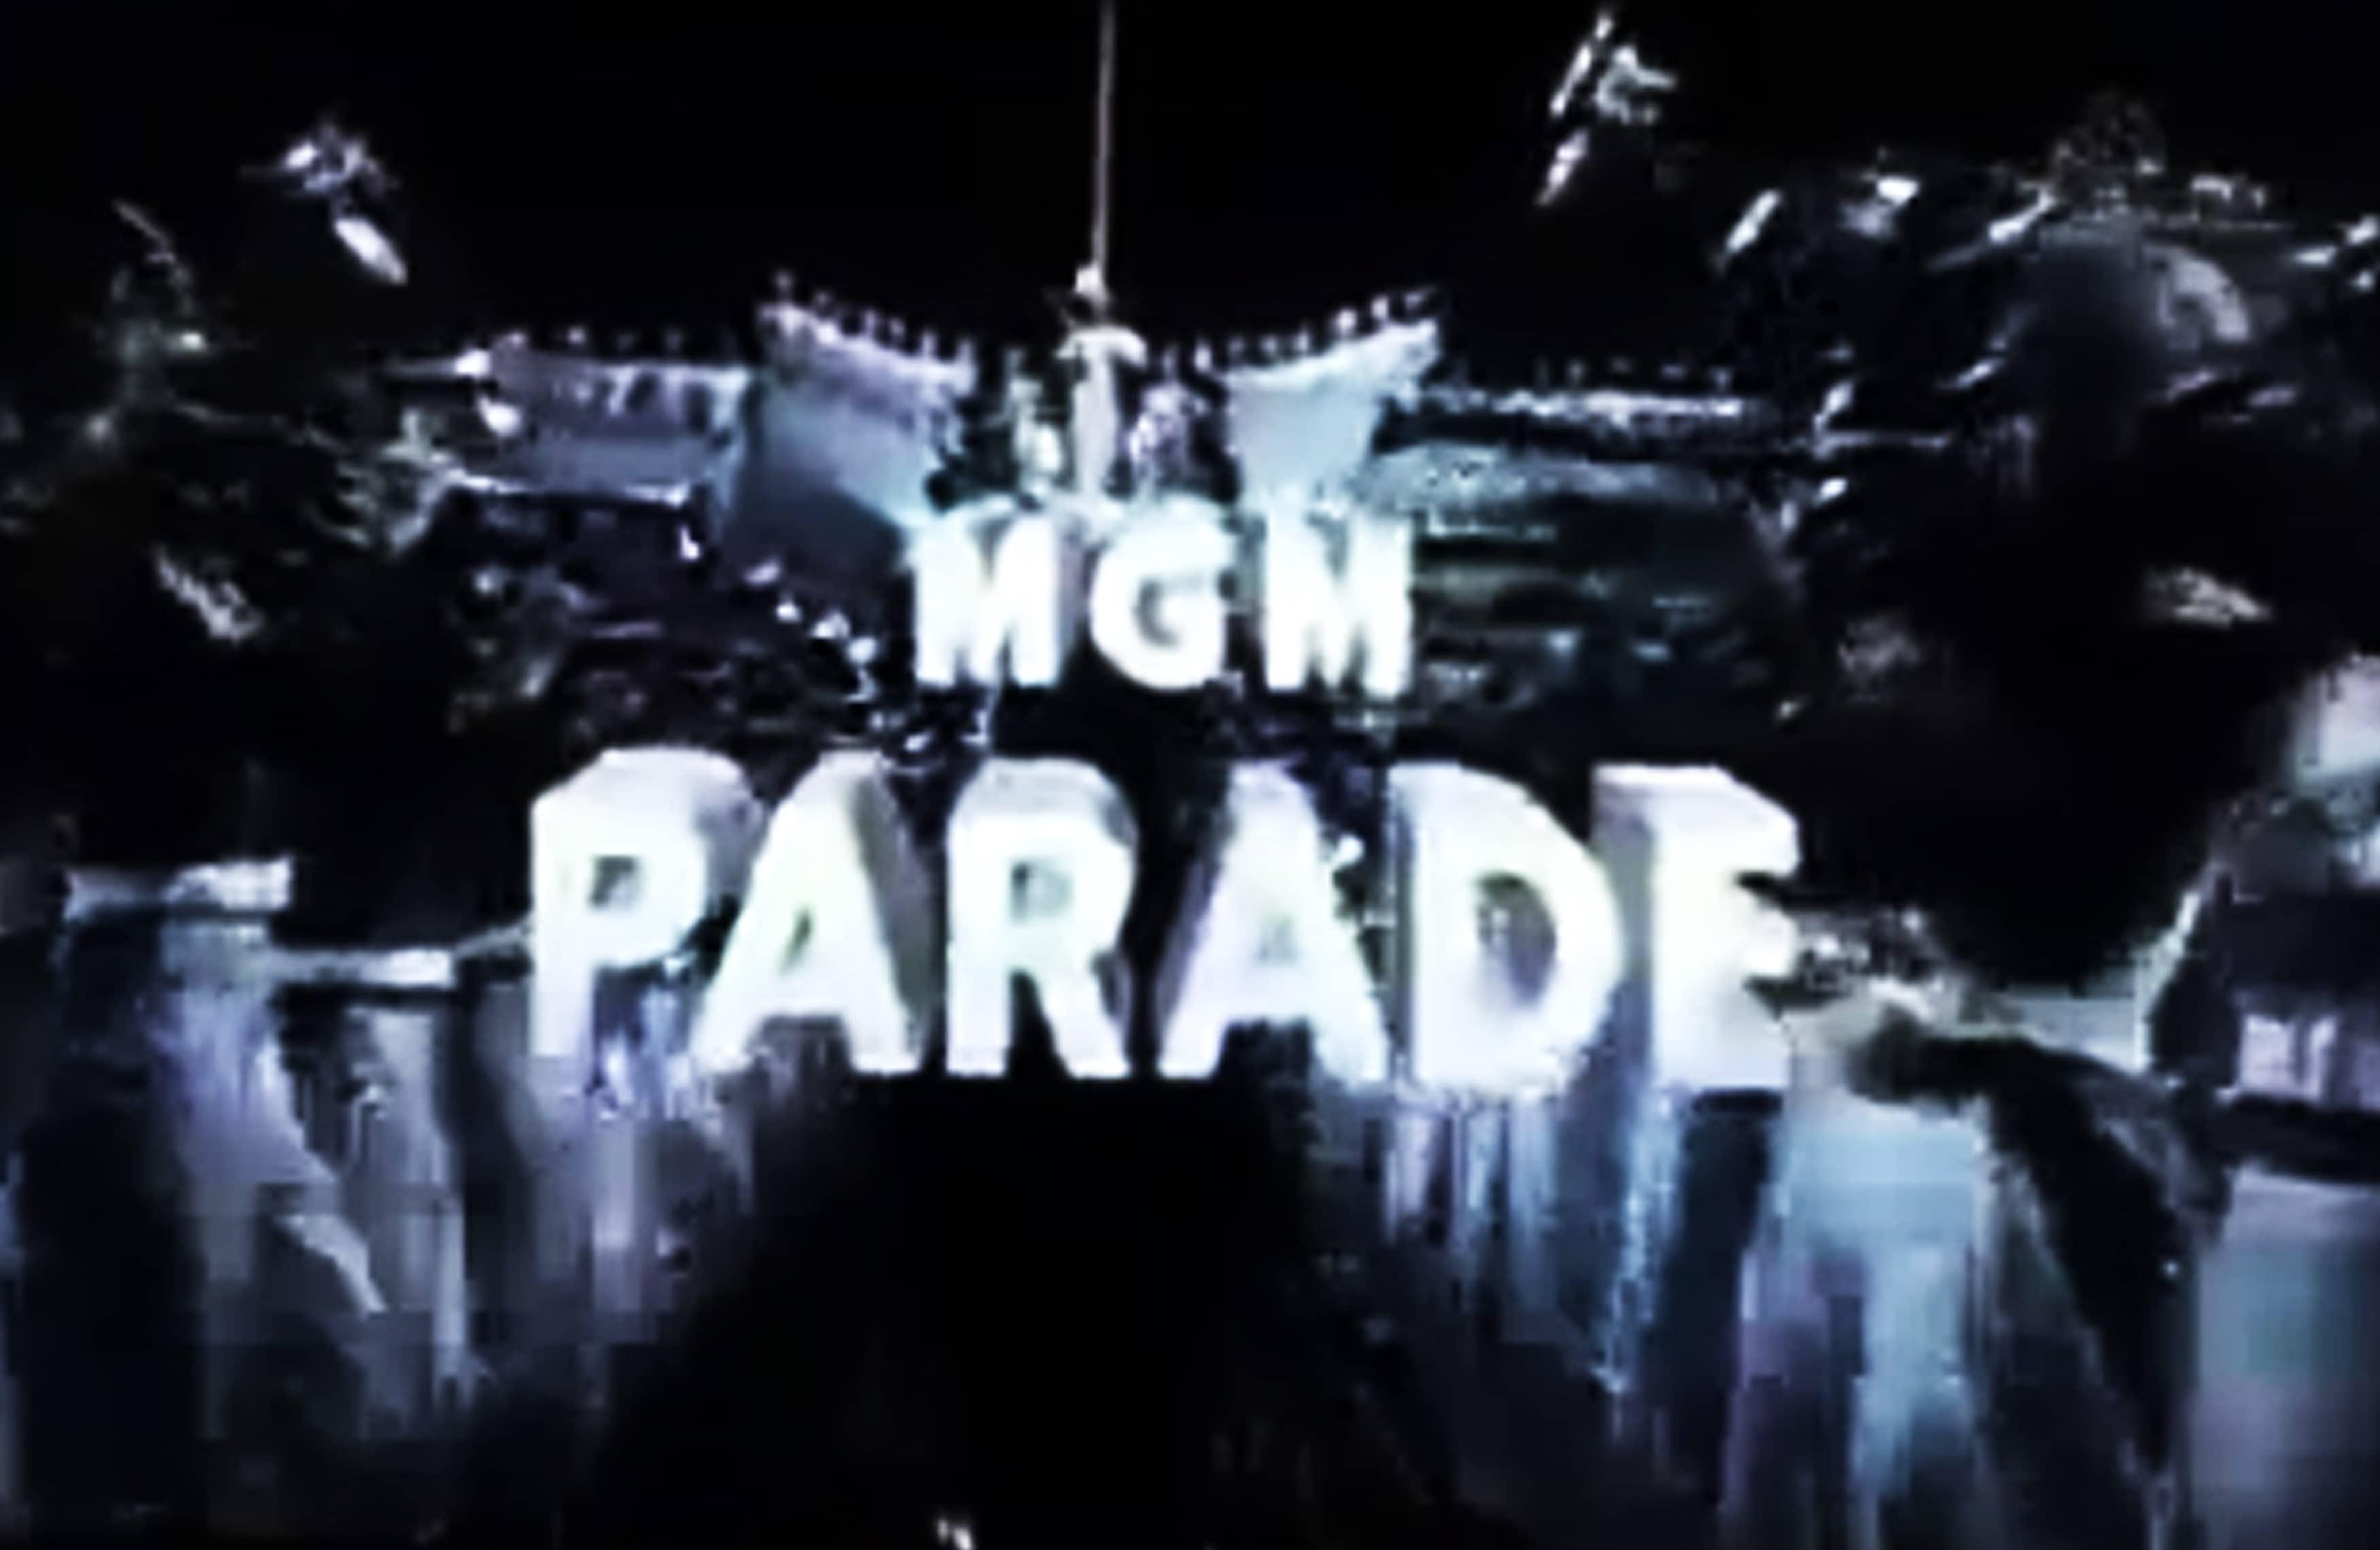 MGM Parade Show #20